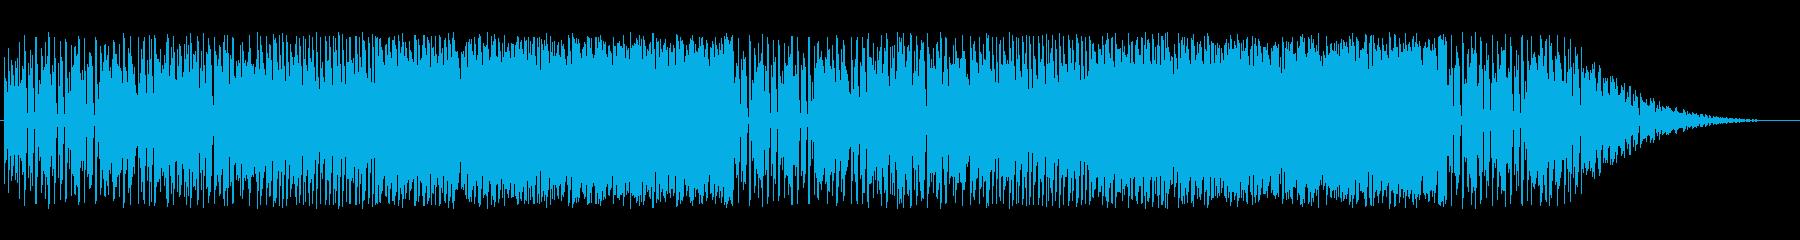 バトル風(ピアノ・バイオリン)の再生済みの波形